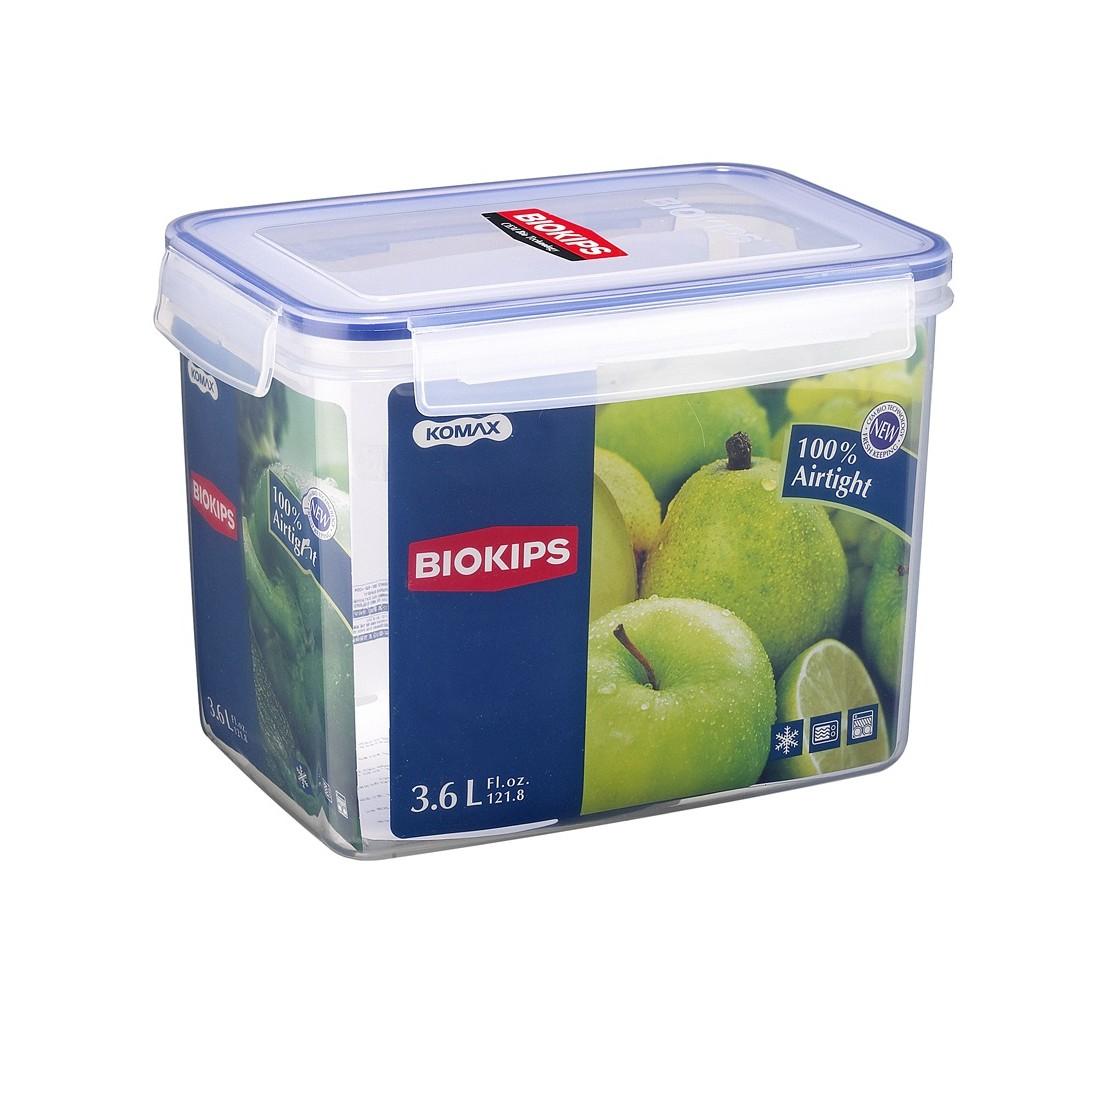 Hộp nhựa Komax Biokips 3.6L-Thế giới đồ gia dụng HMD